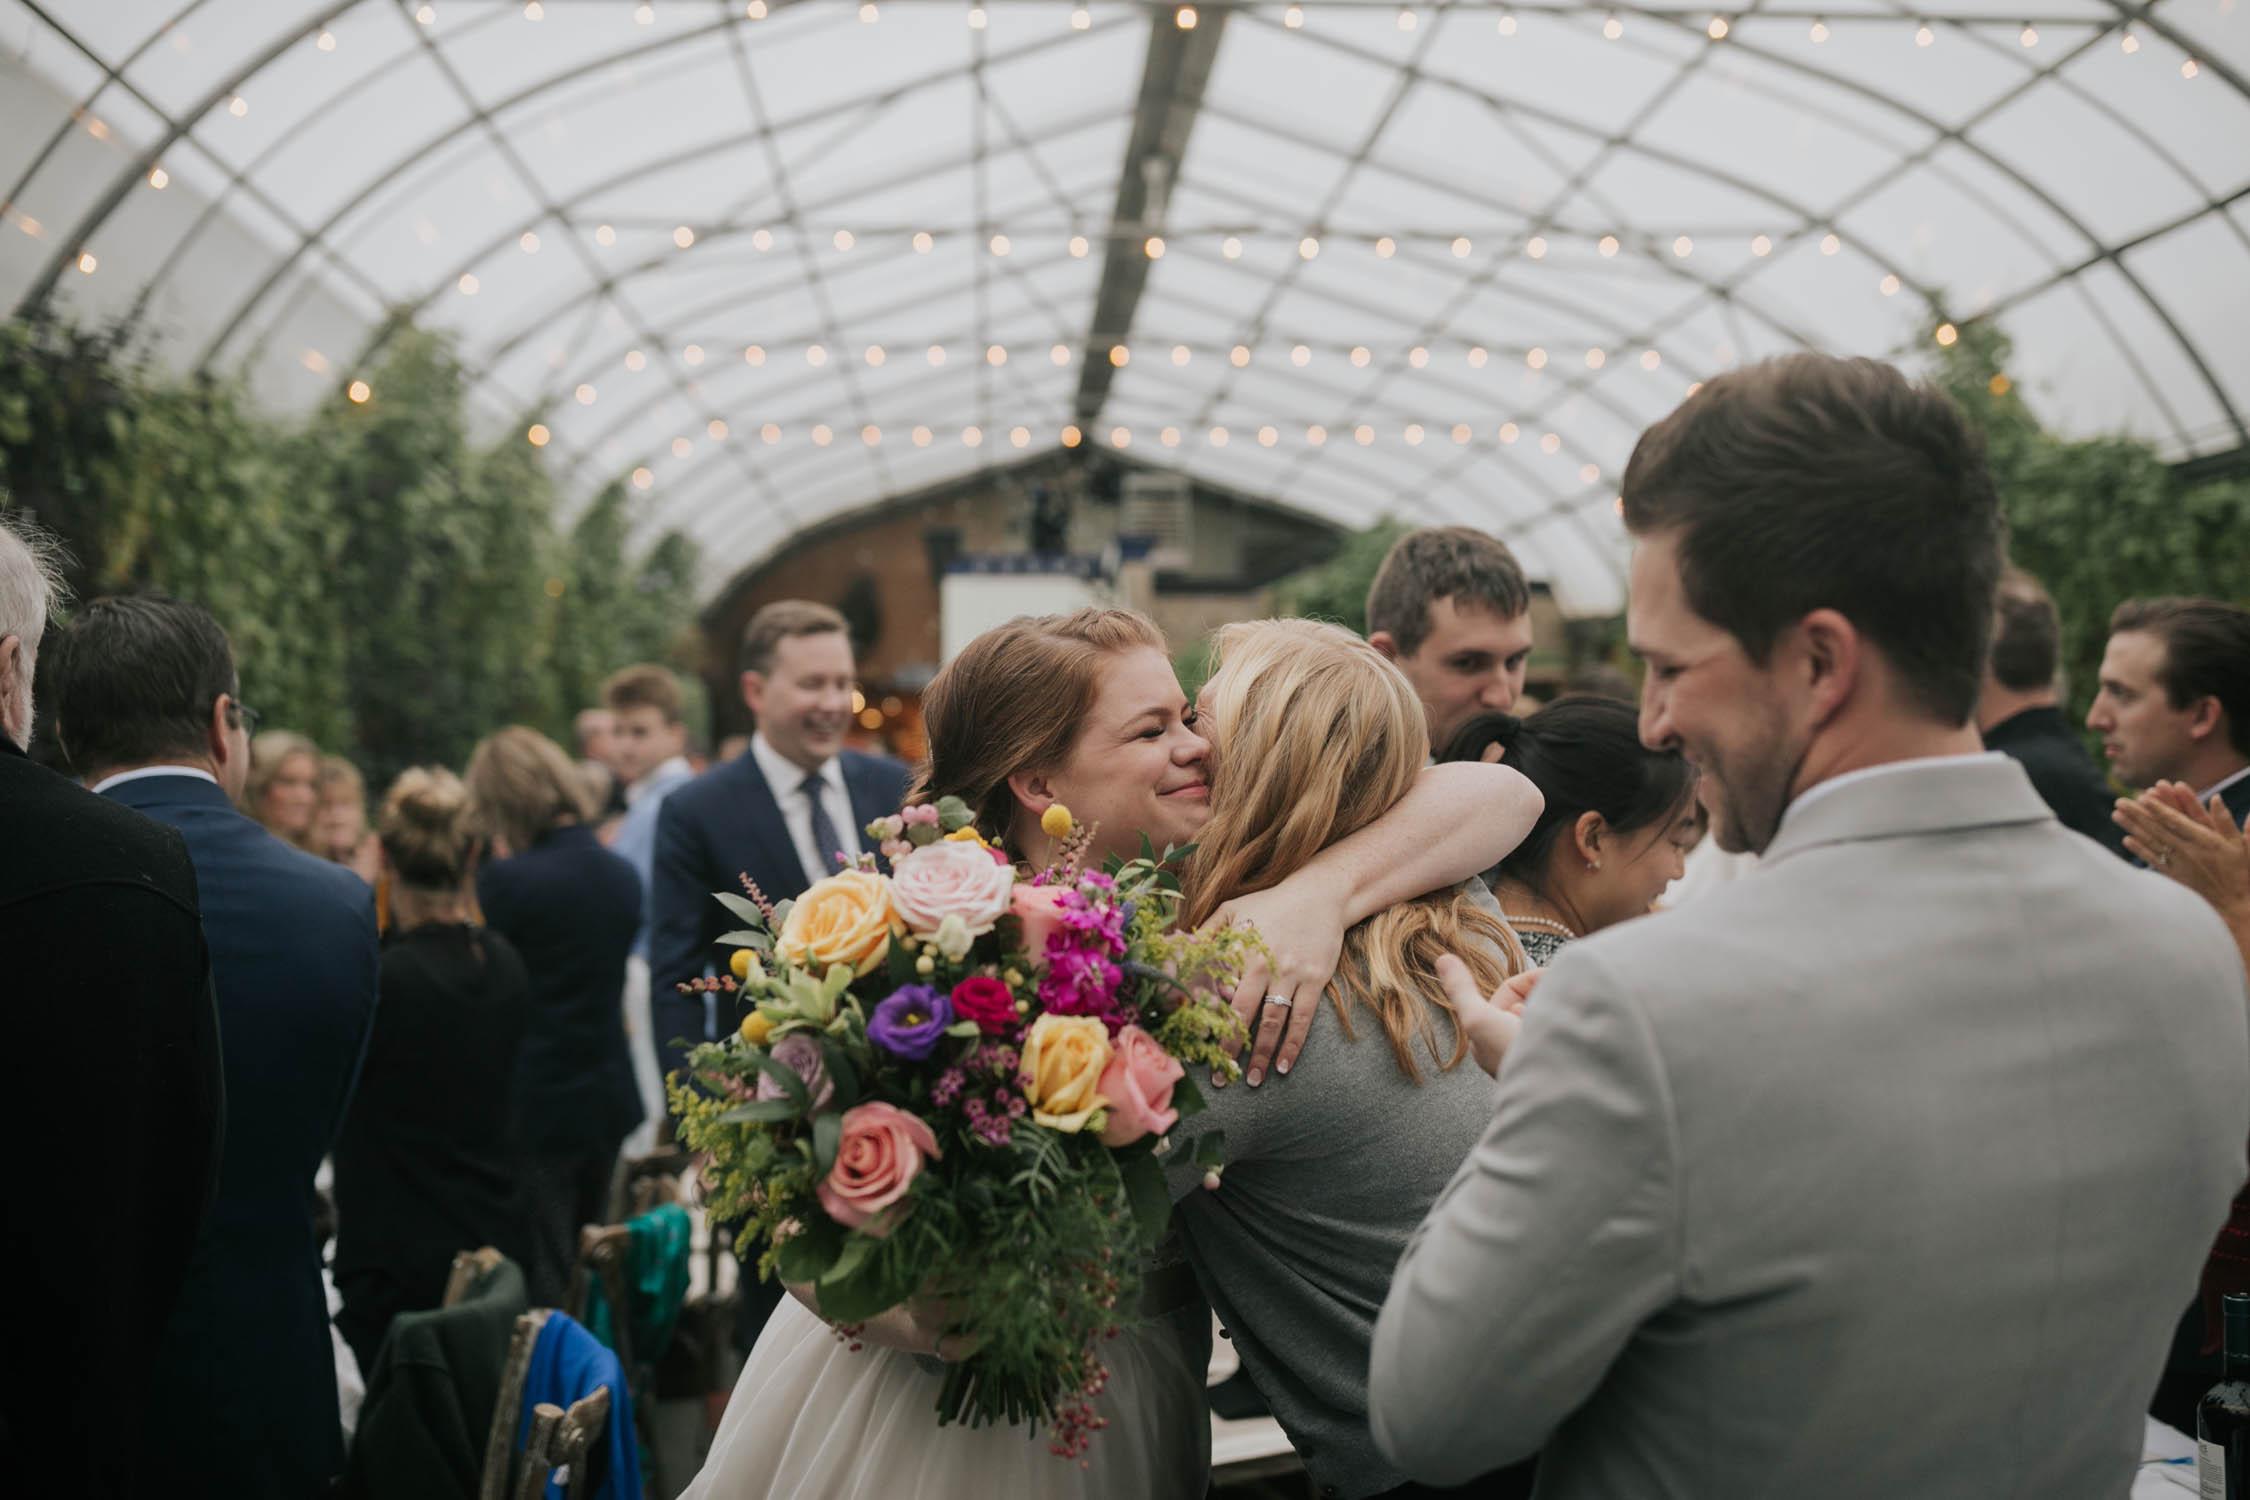 Bride hugs friend as bride and groom walk into wedding reception at Saskatoon Farm Wedding Venue in Calgary, Alberta.